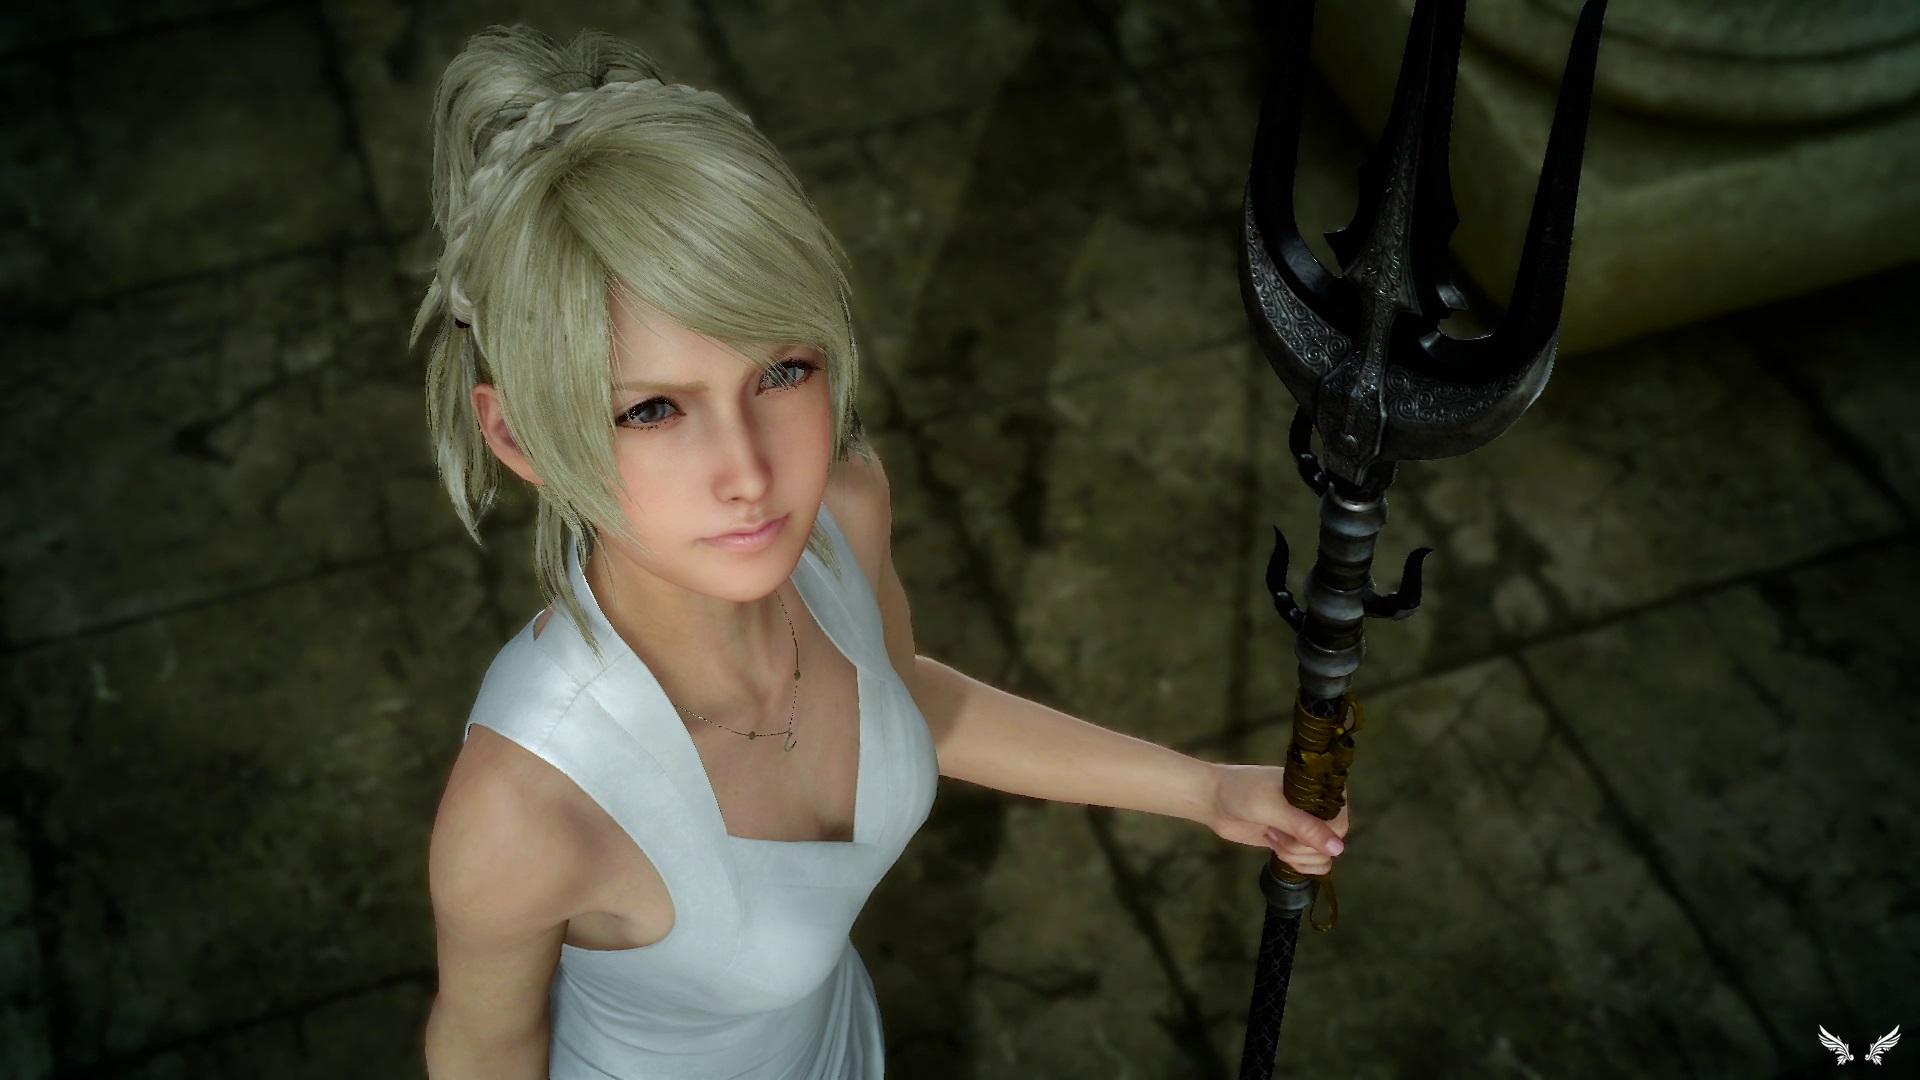 Il producer di Final Fantasy XV apre ad un DLC su Lunafreya